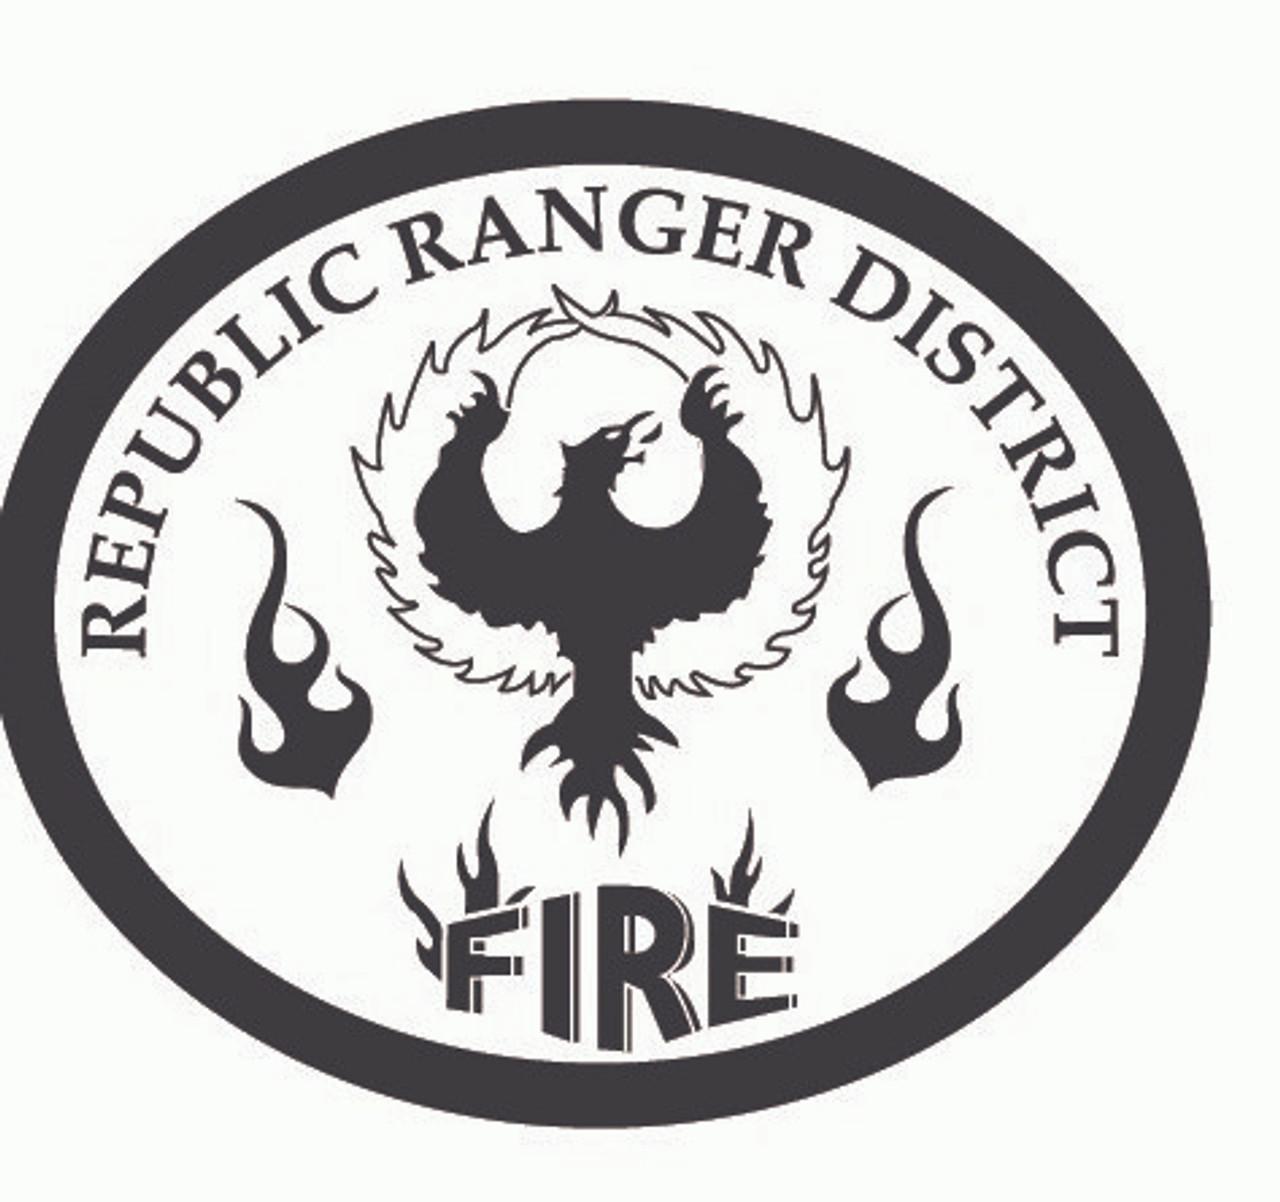 Republic Range District Fire Buckle